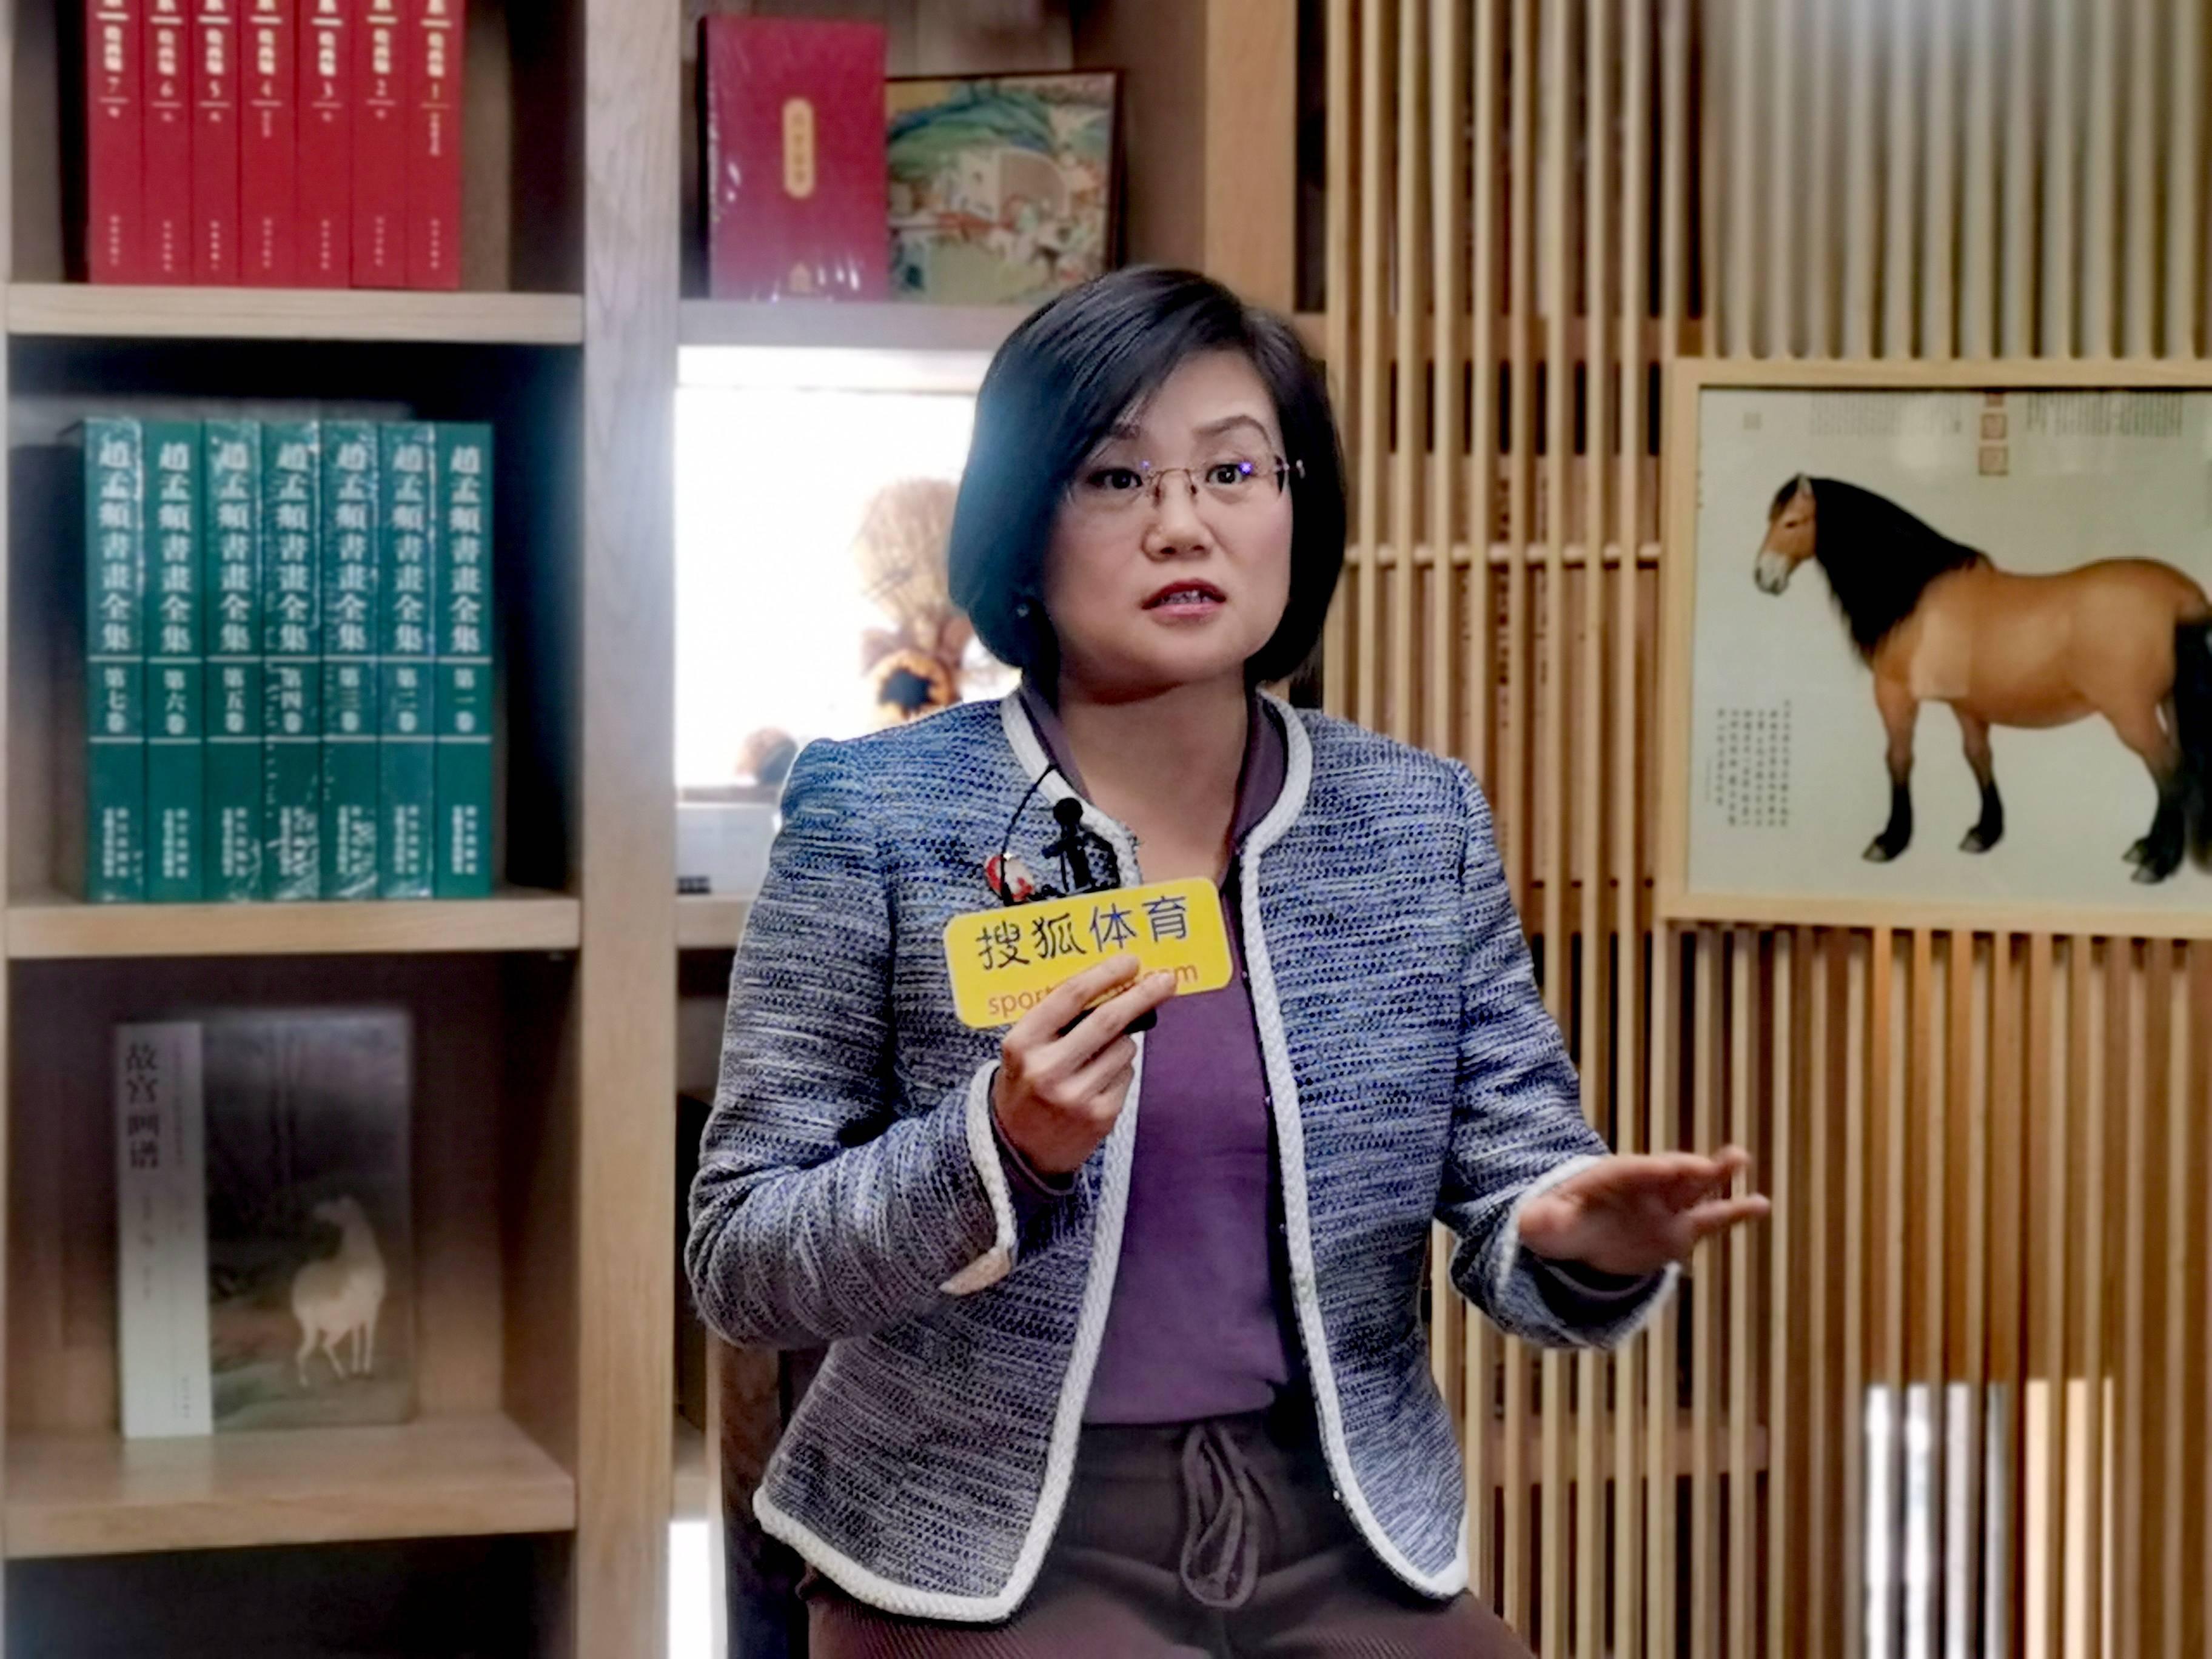 专访紫蔚文化王怡 携手搜狐打造马术频道是大势所趋